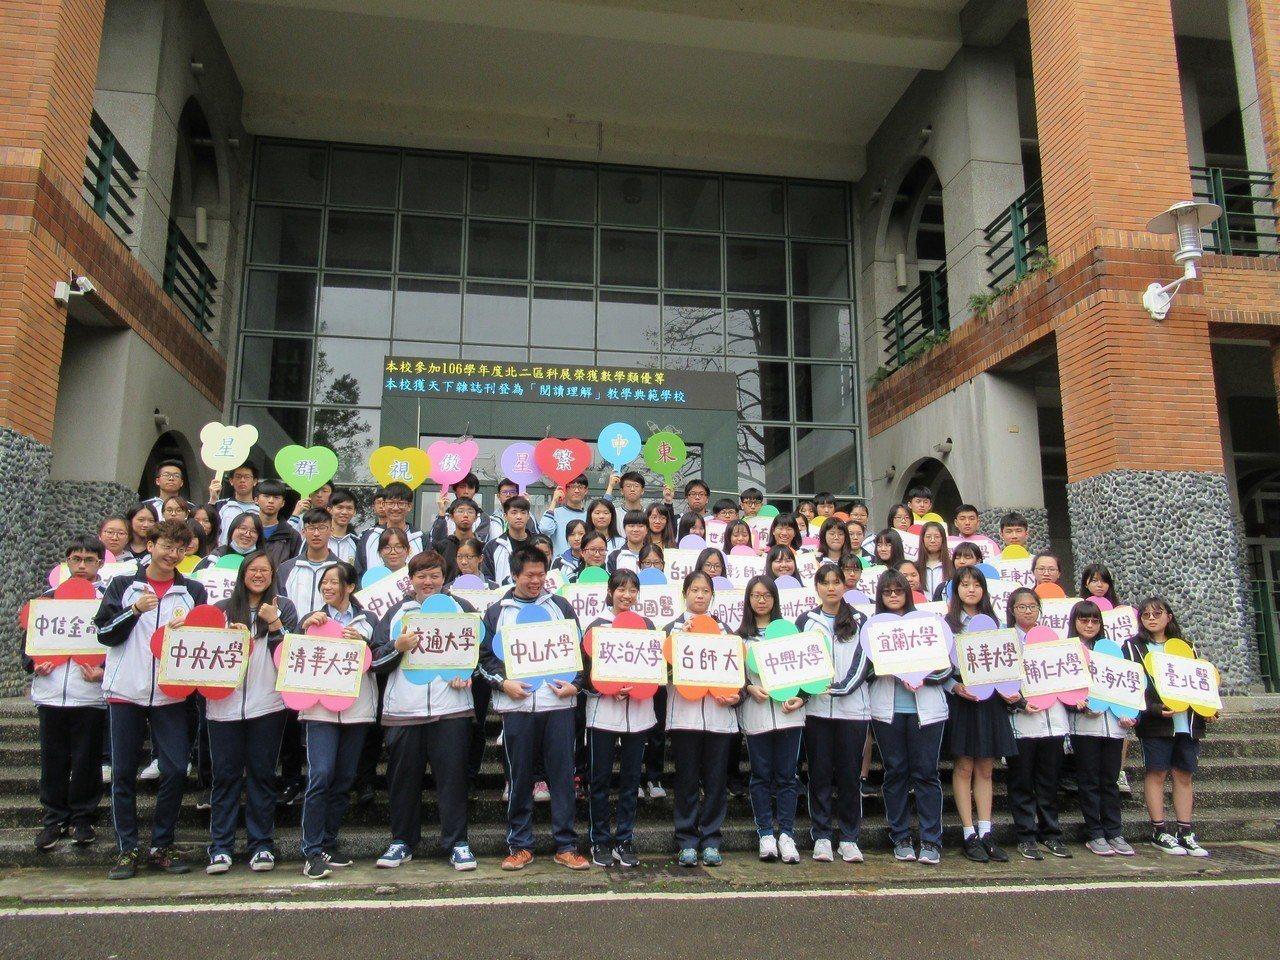 新竹縣竹東高中今年繁星計畫大放異彩,摘了82顆星星,國立大學37位,連續13年大...